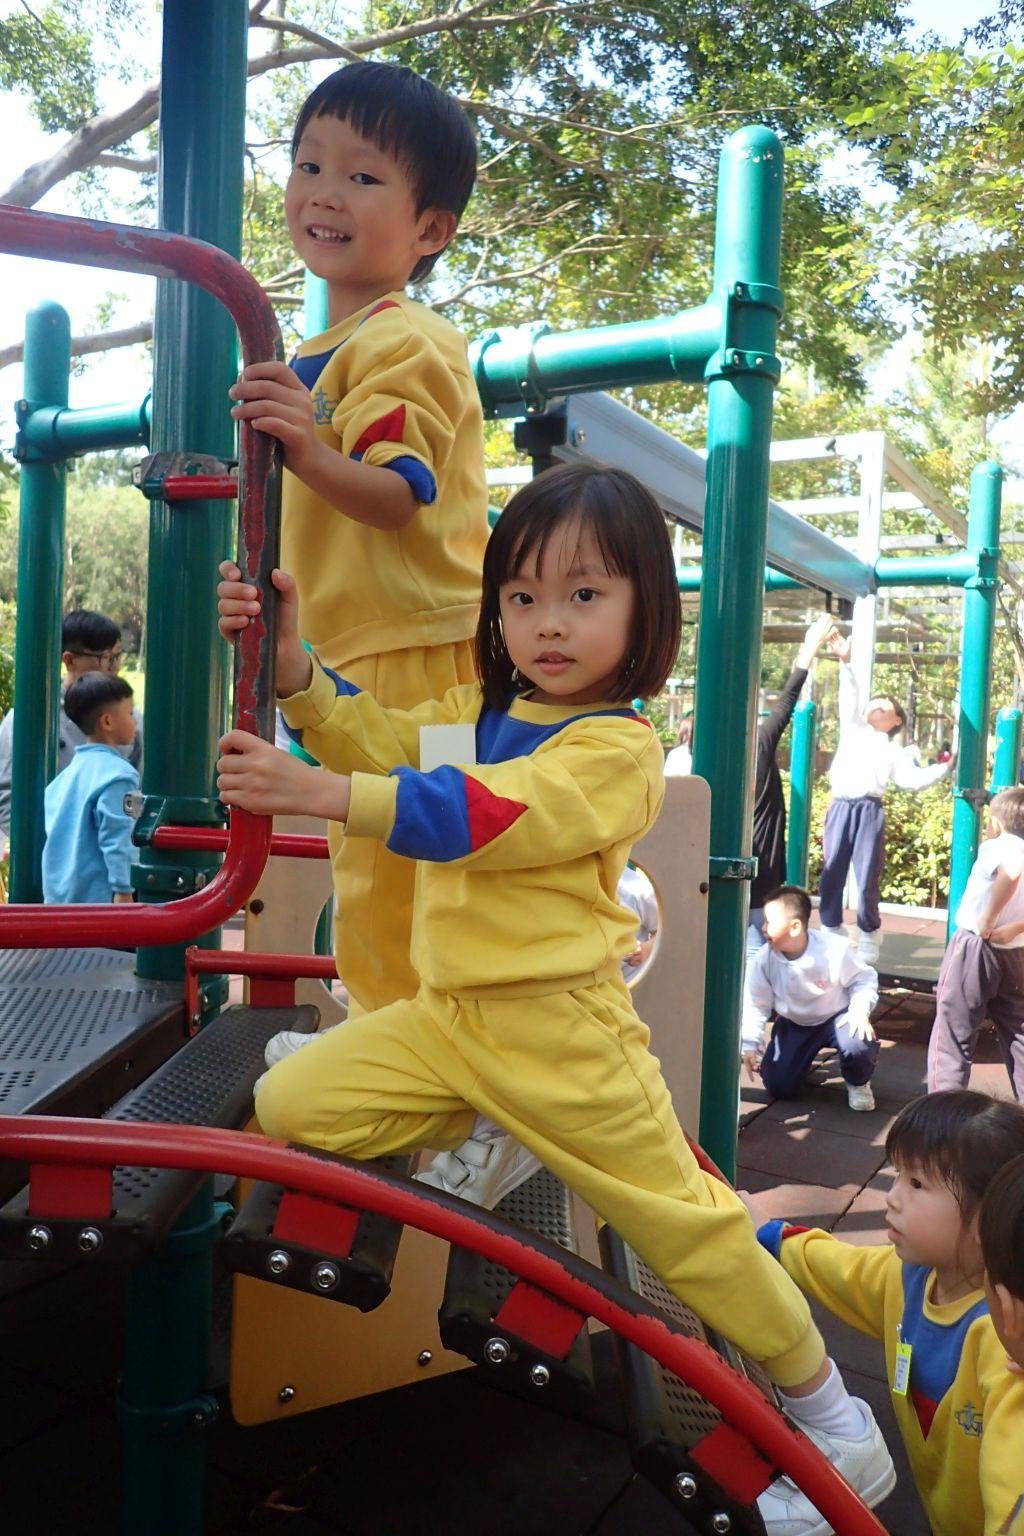 slide-72 slide